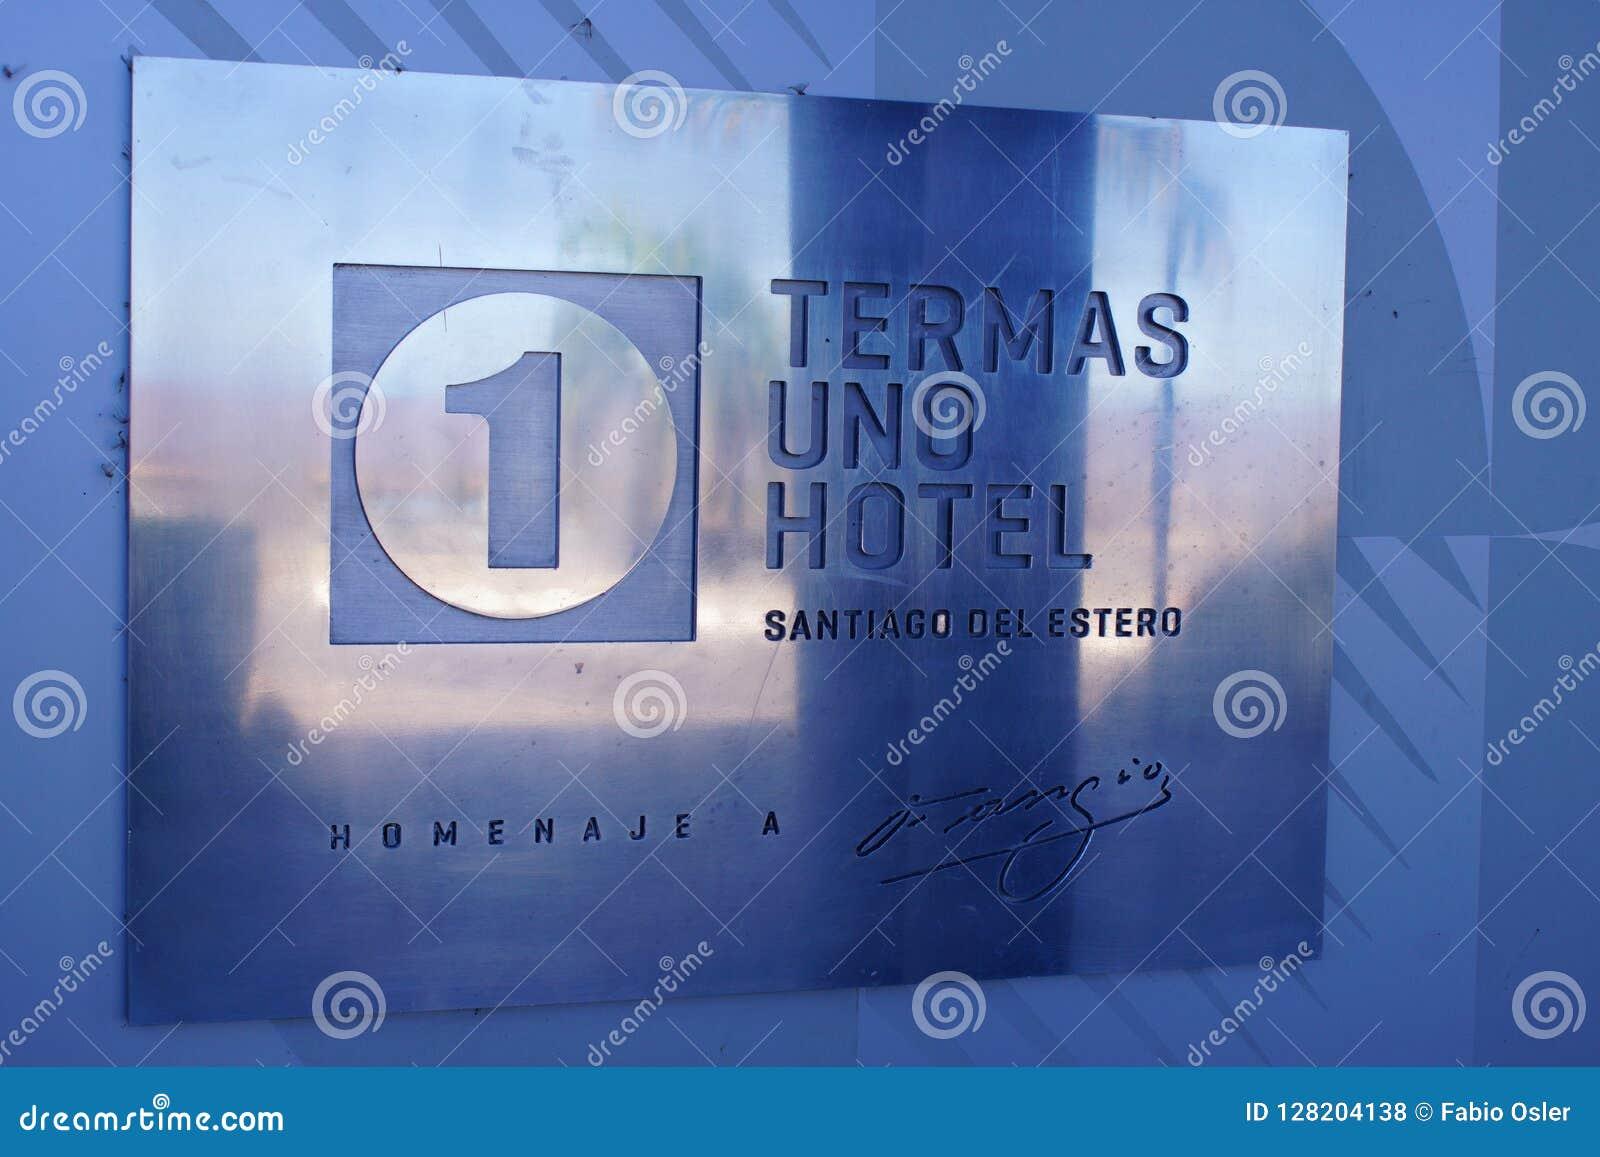 Hotel one Termas de Rio Hondo